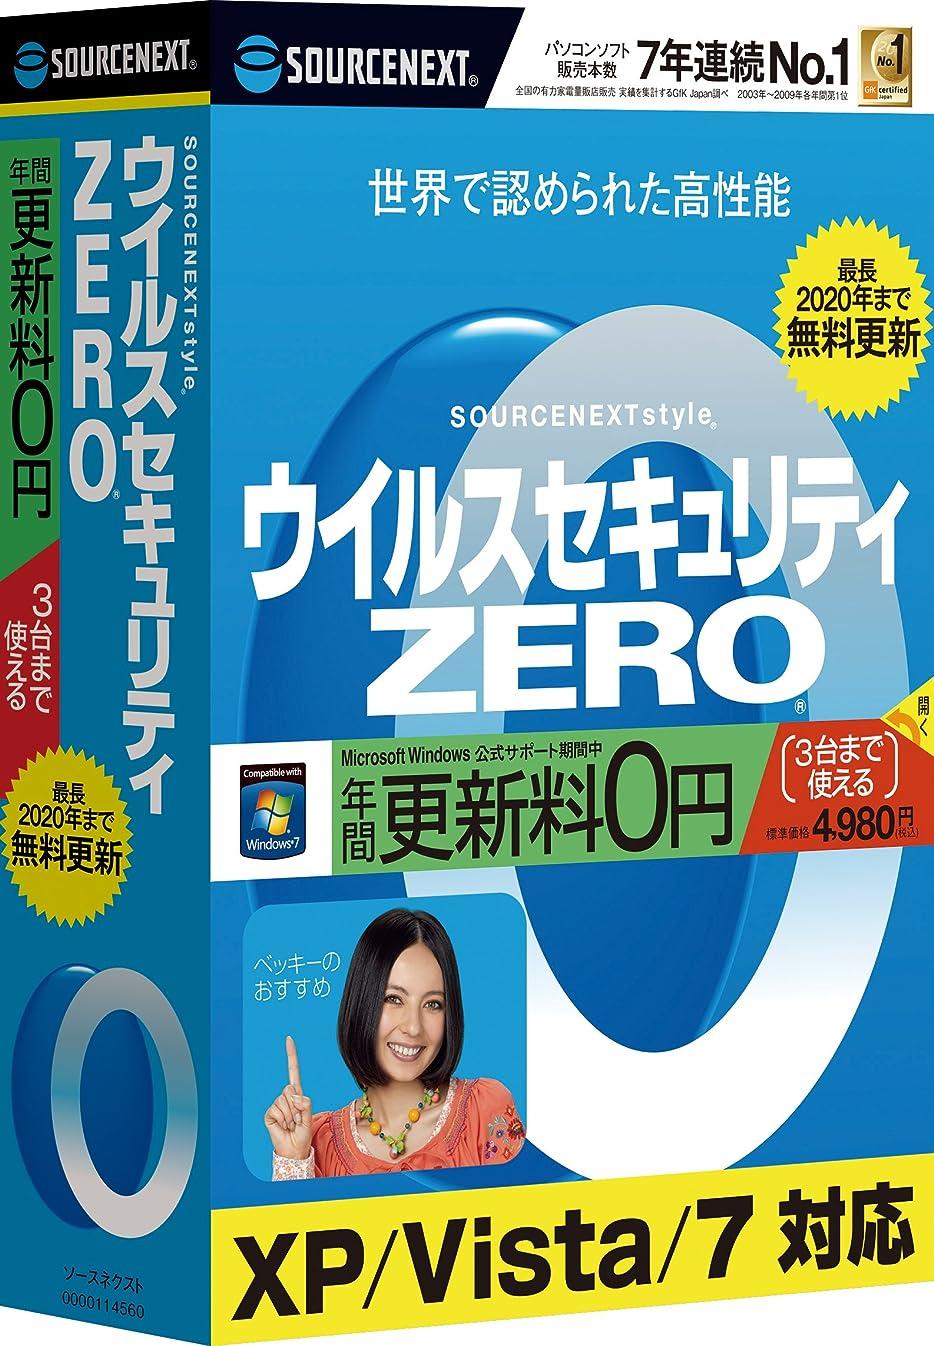 ミンチ表面グリルウイルスセキュリティZERO 3台用 (CD版) 新パッケージ(旧版)